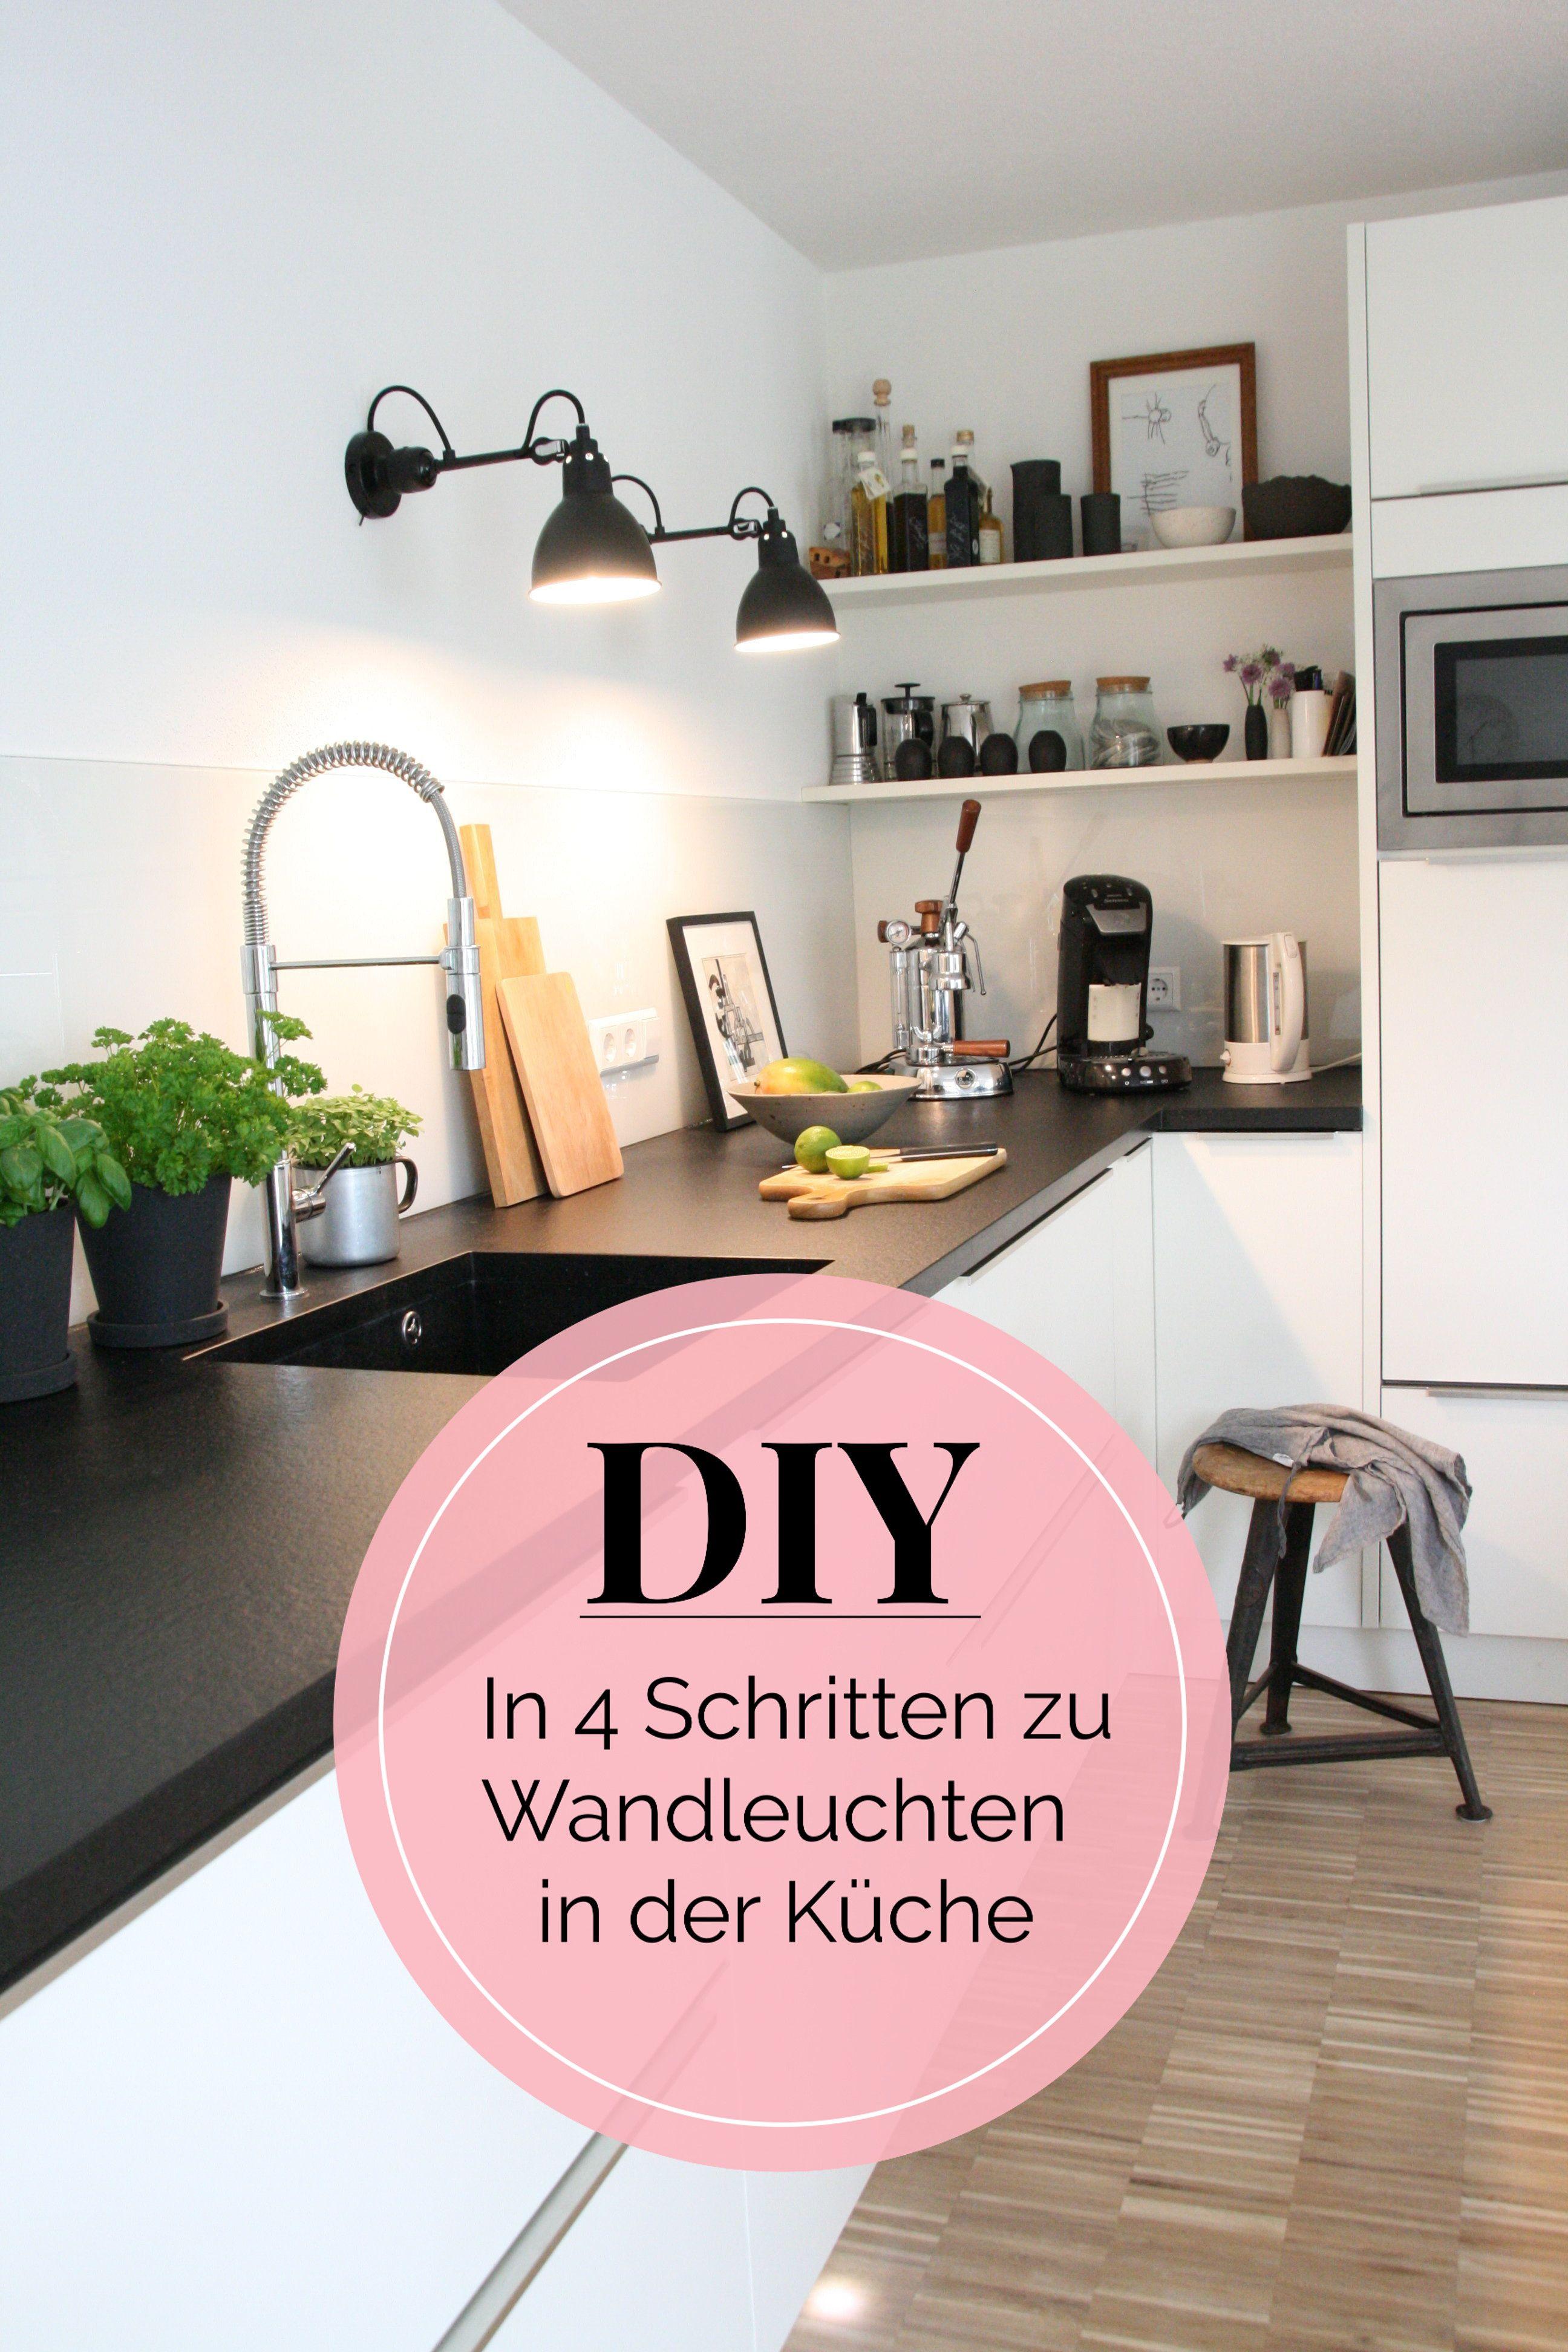 Kleines Küchen-Makeover: Neue Wandleuchten bei Lunchen | Kitchens